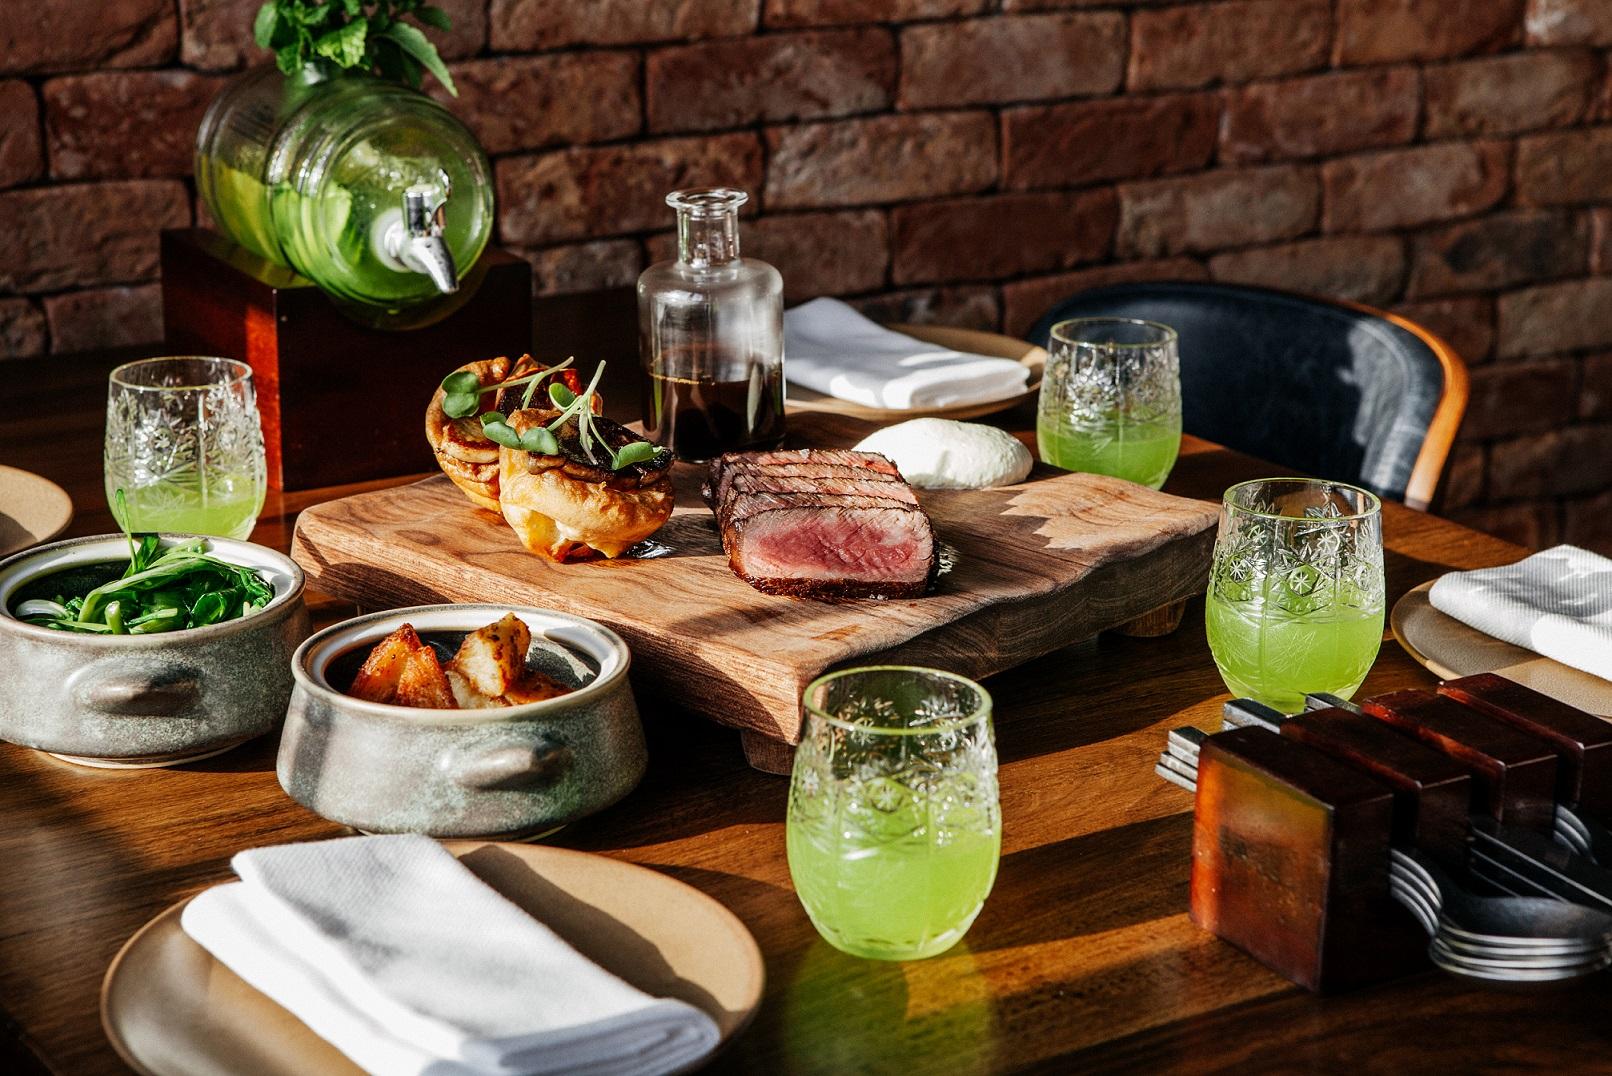 مطعم فولي باي نك آند سكوت يقدم غداء من نوع خاص